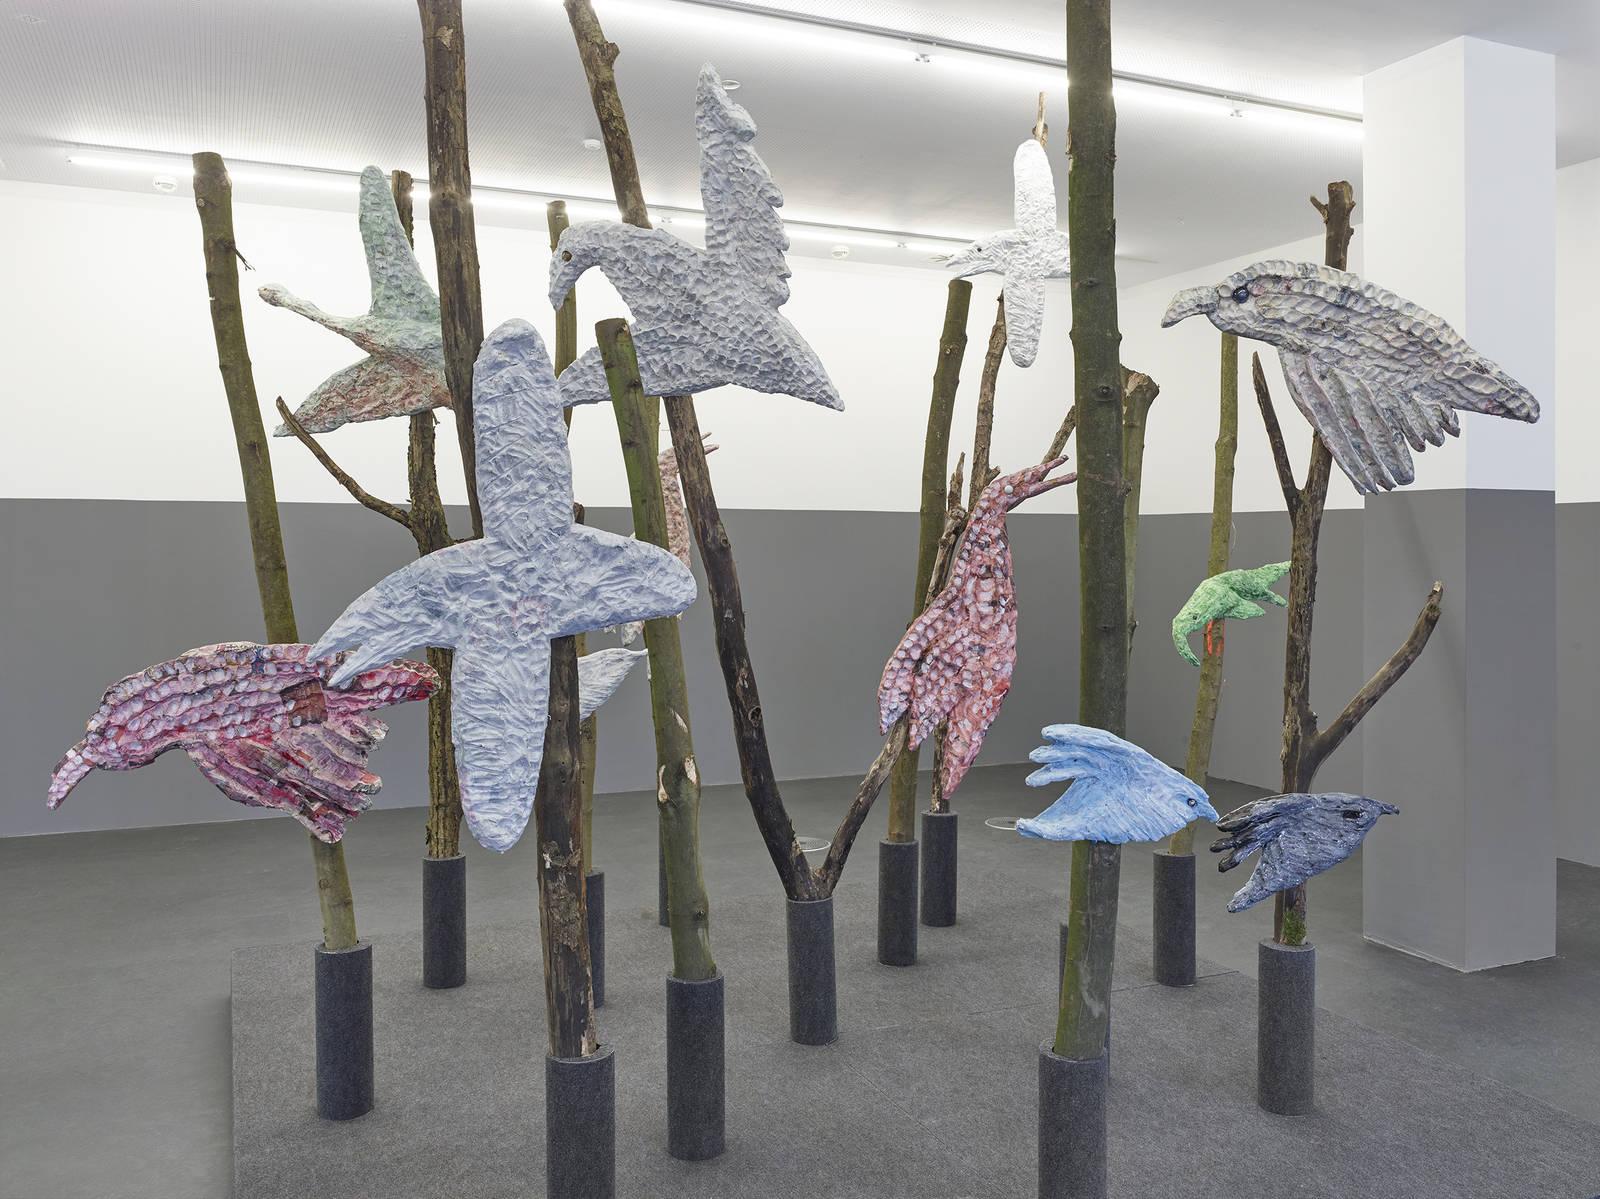 9_2_Shelly Nadashi NESTING BOX, Installation View_Dortmunder Kunstverein, Photo Simon Vogel